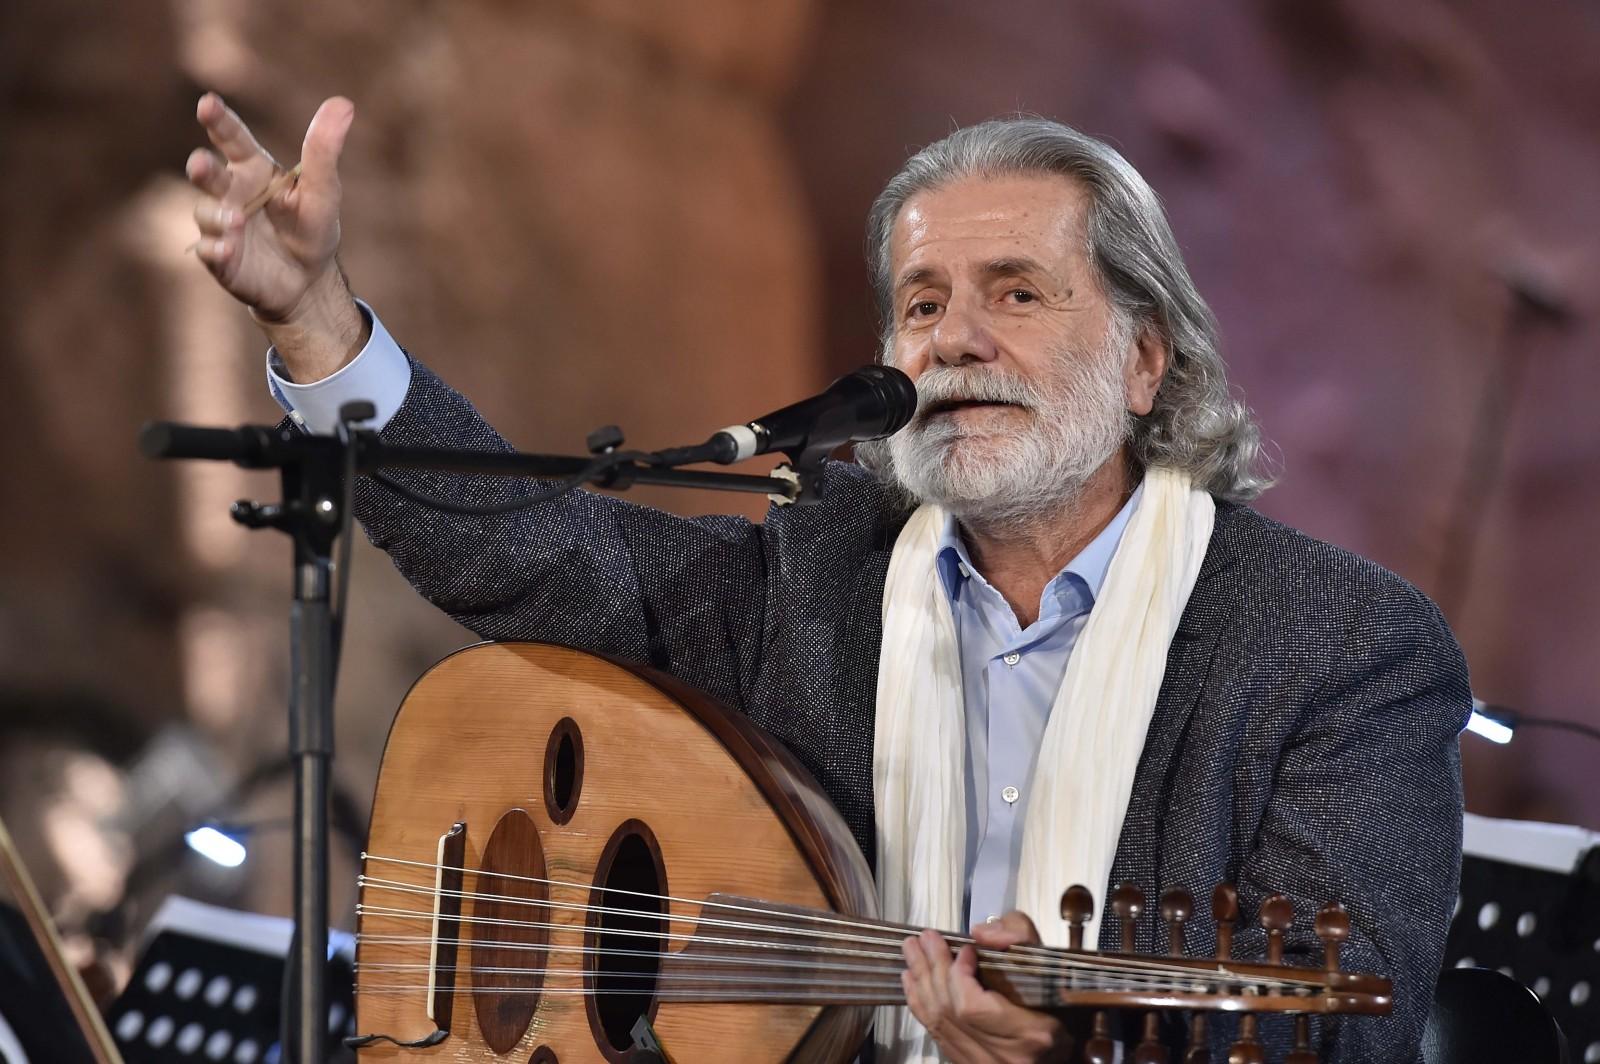 مارسيل خليفة يضيء ليل بعلبك ويغني للوطن المستحيل.. بالصور